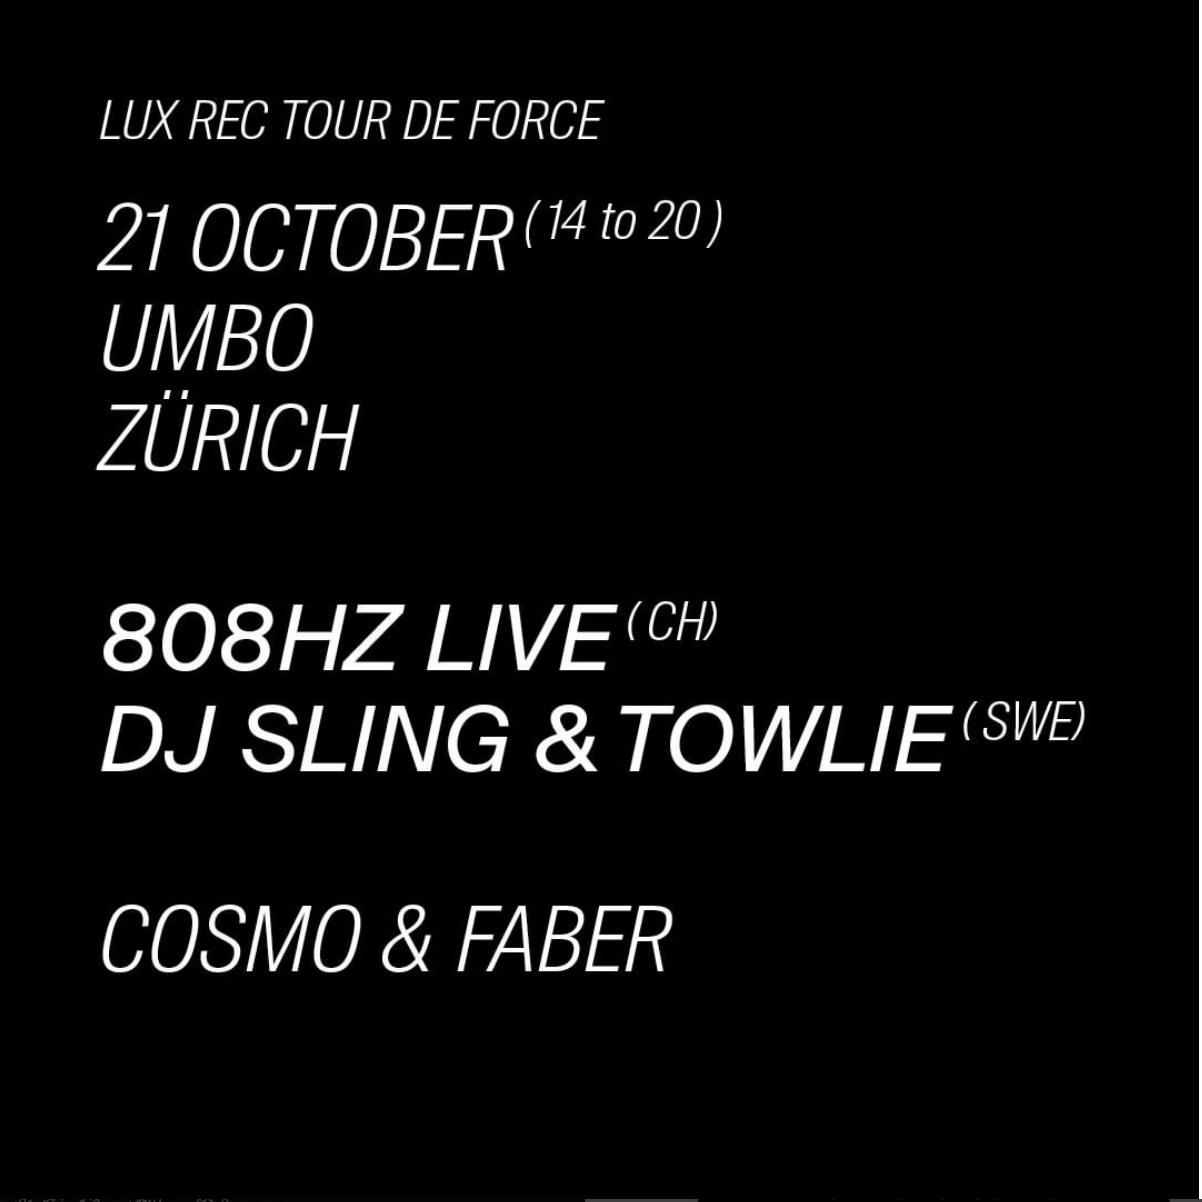 Lux Rec Tour de Force